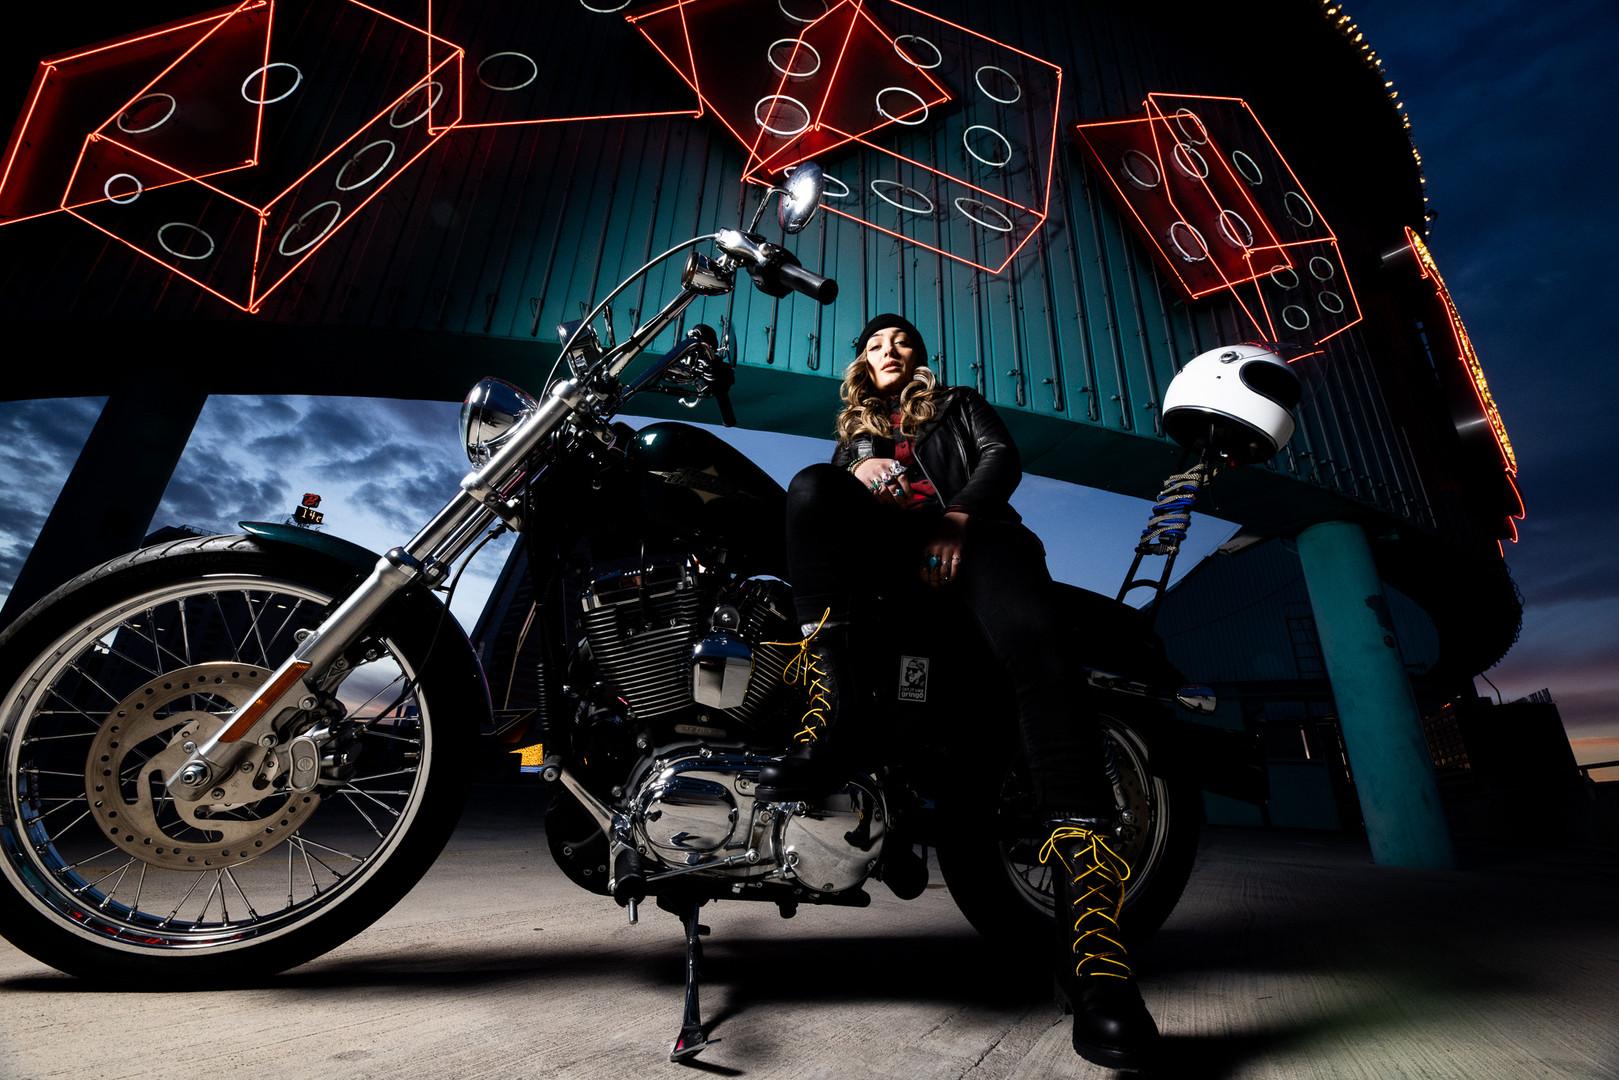 Las Vegas Harley Davidson Shoot